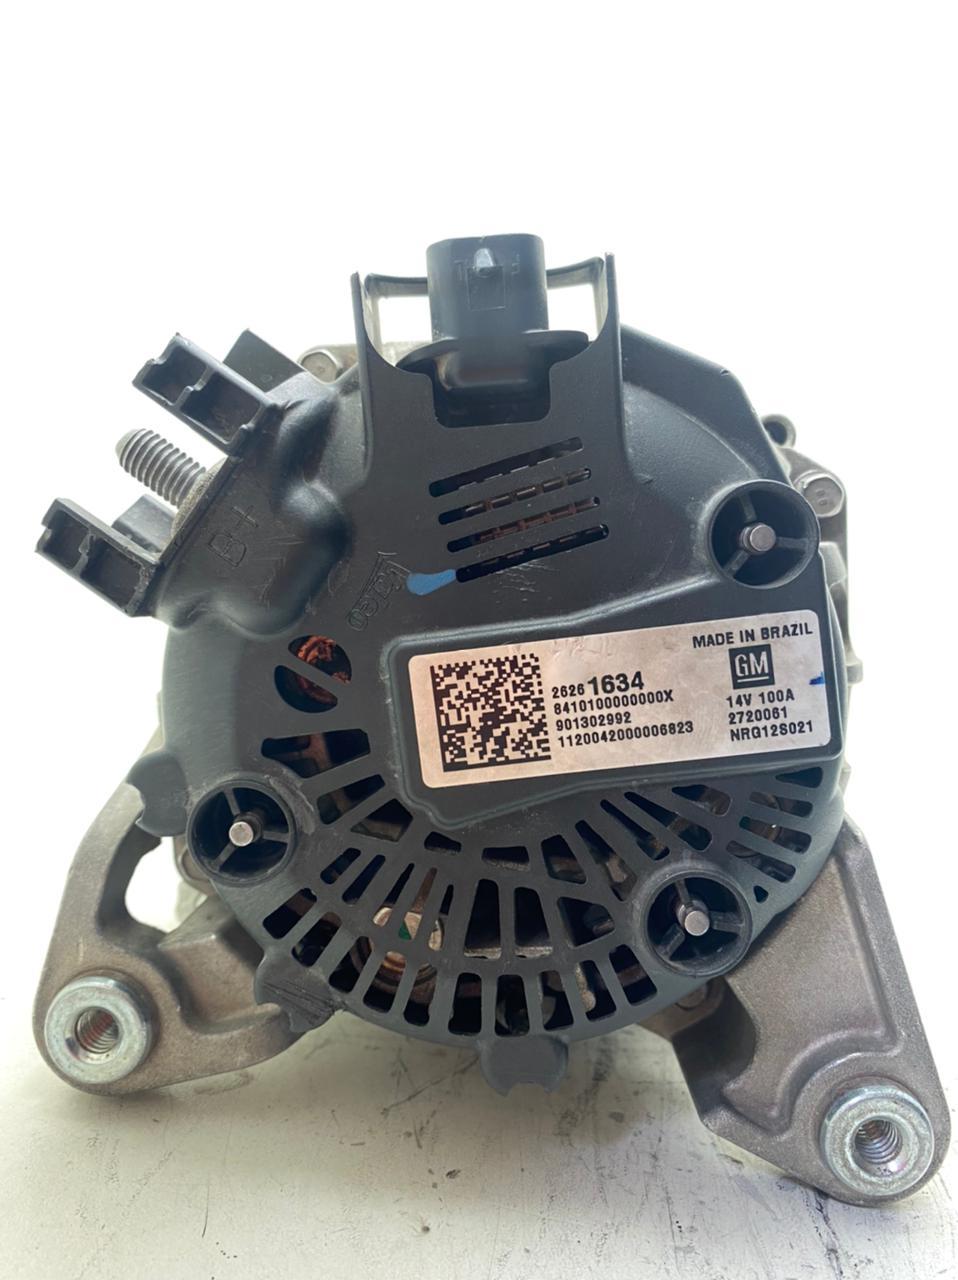 ALTERNADOR 14V 100AMP 901302992 GM ONIX 1.0L MFI 4CIL SOHC 2013 A 2019 ONIX 1.4L MFI 4CIL 2720061 NRG12S021 26261634